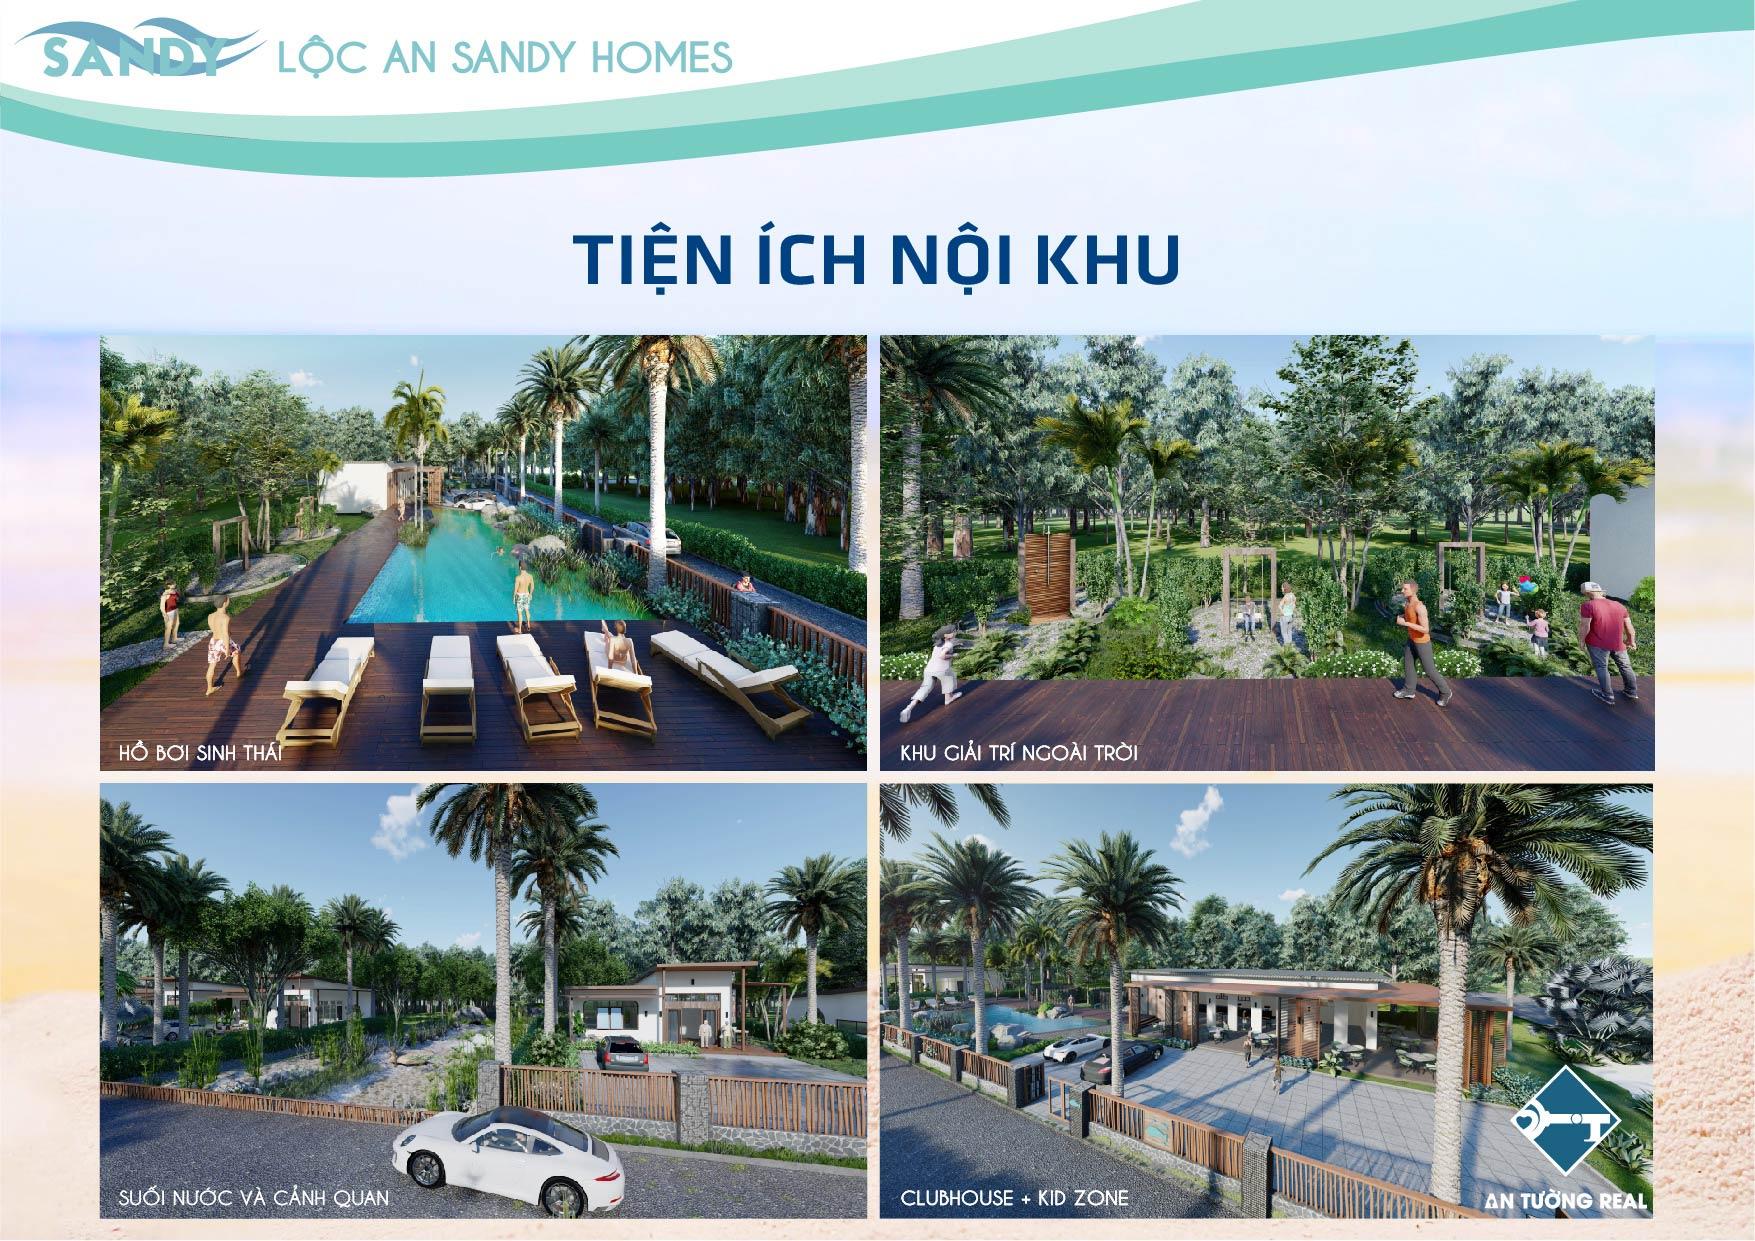 Tiện ích nội khu Lộc An Sandy Homes